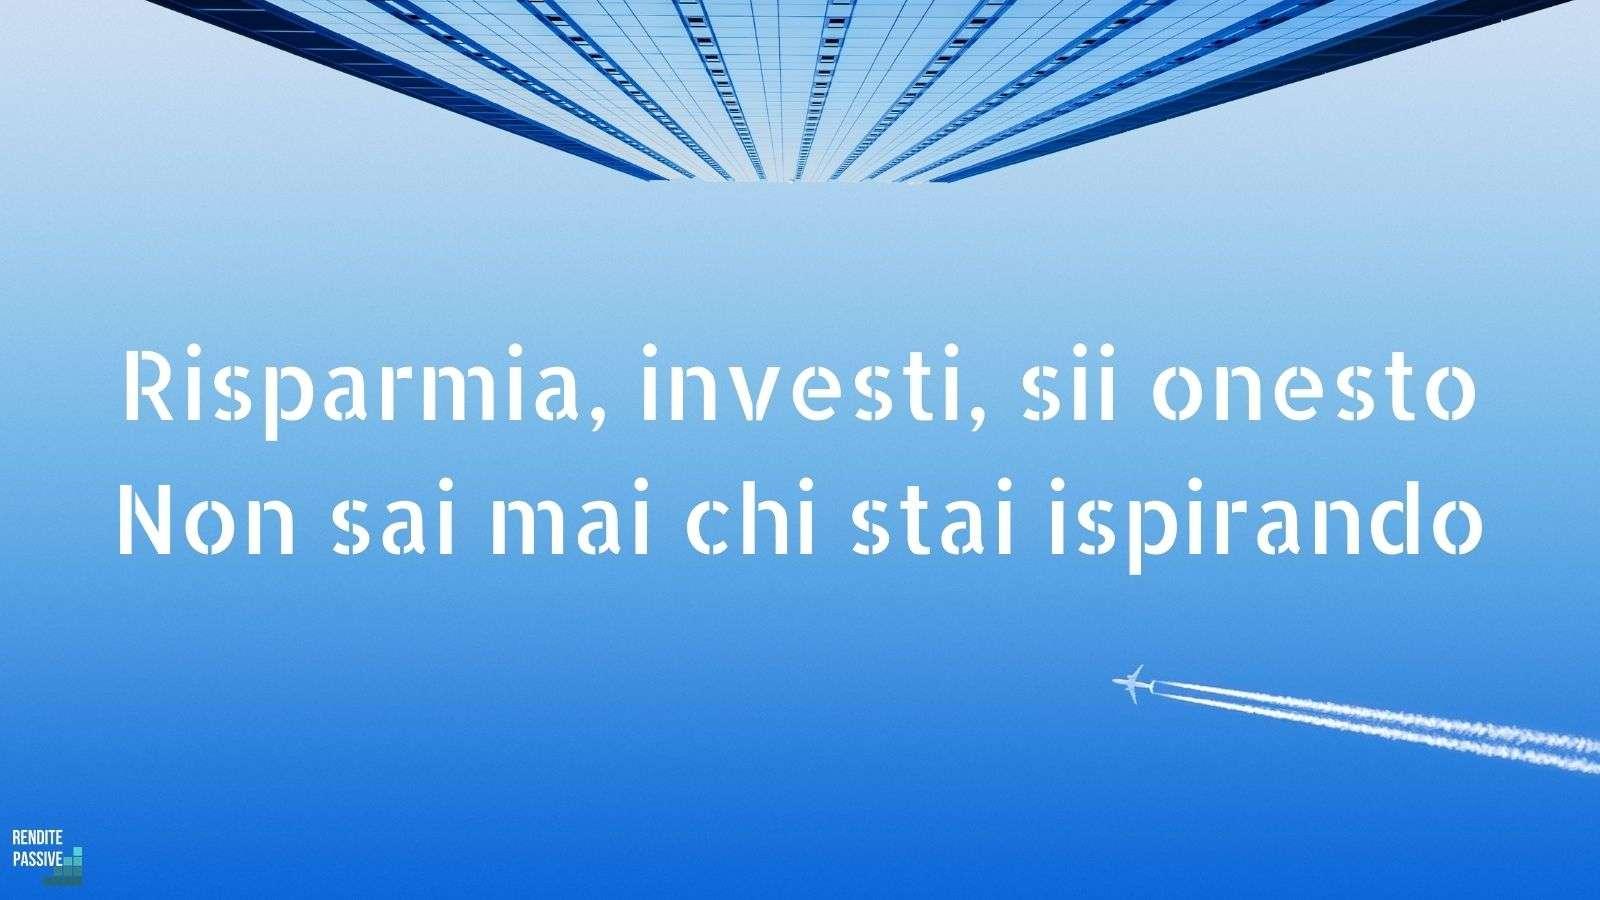 Risparmia, investi e comportati bene. Non sai mai chi stai ispirando.